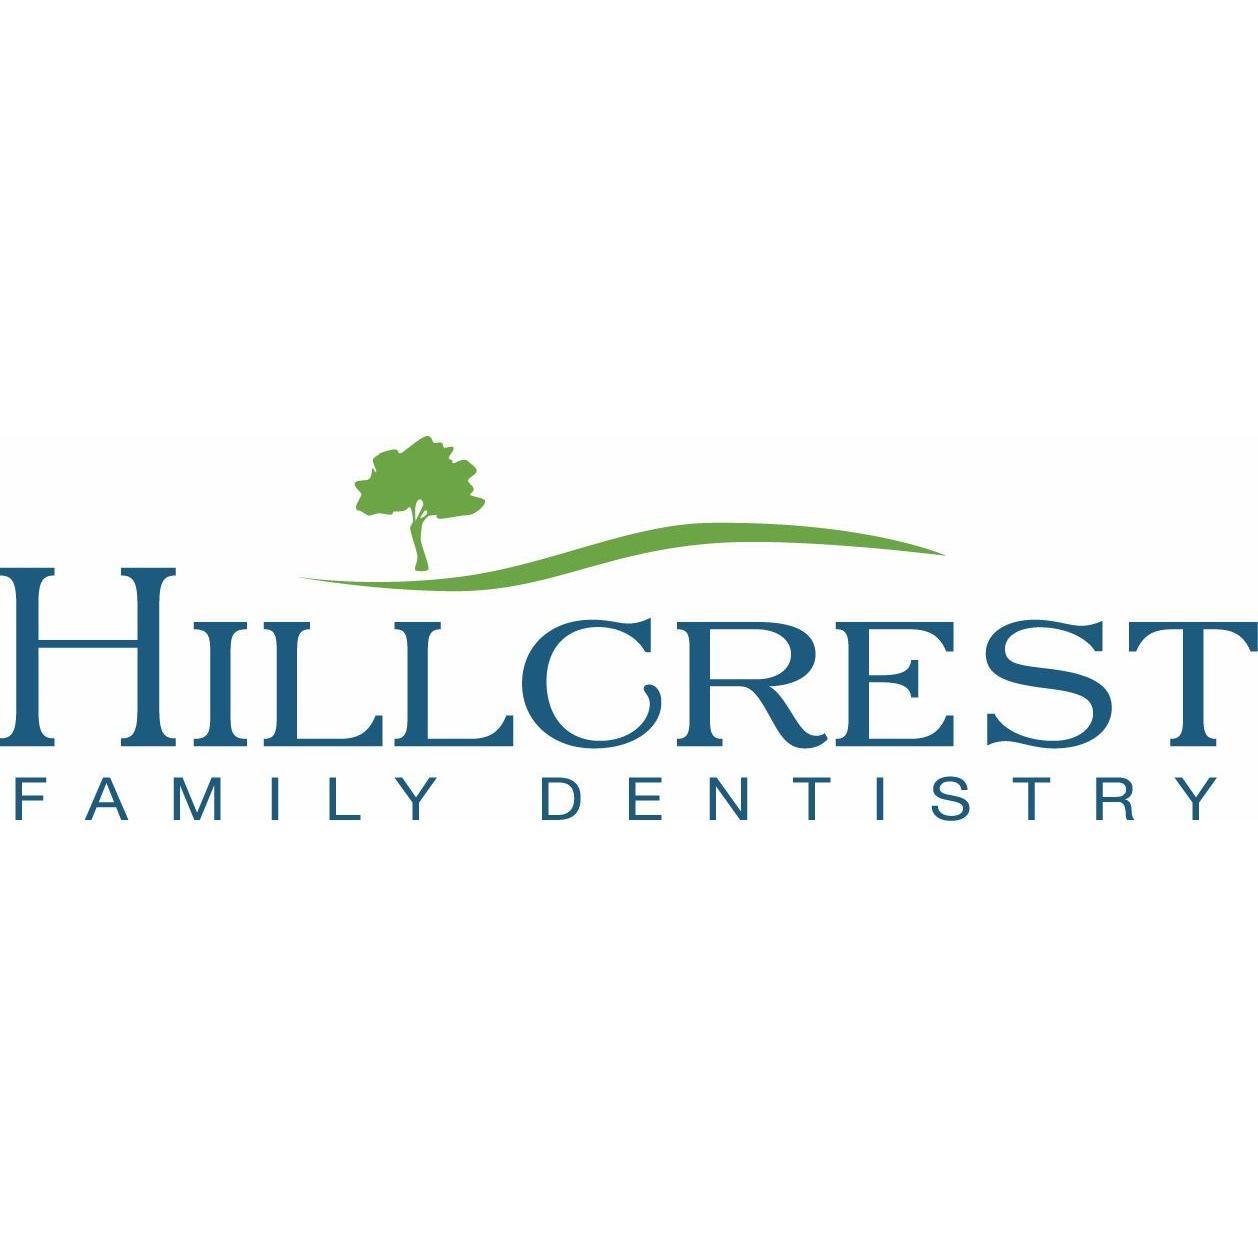 Hillcrest Family Dentistry